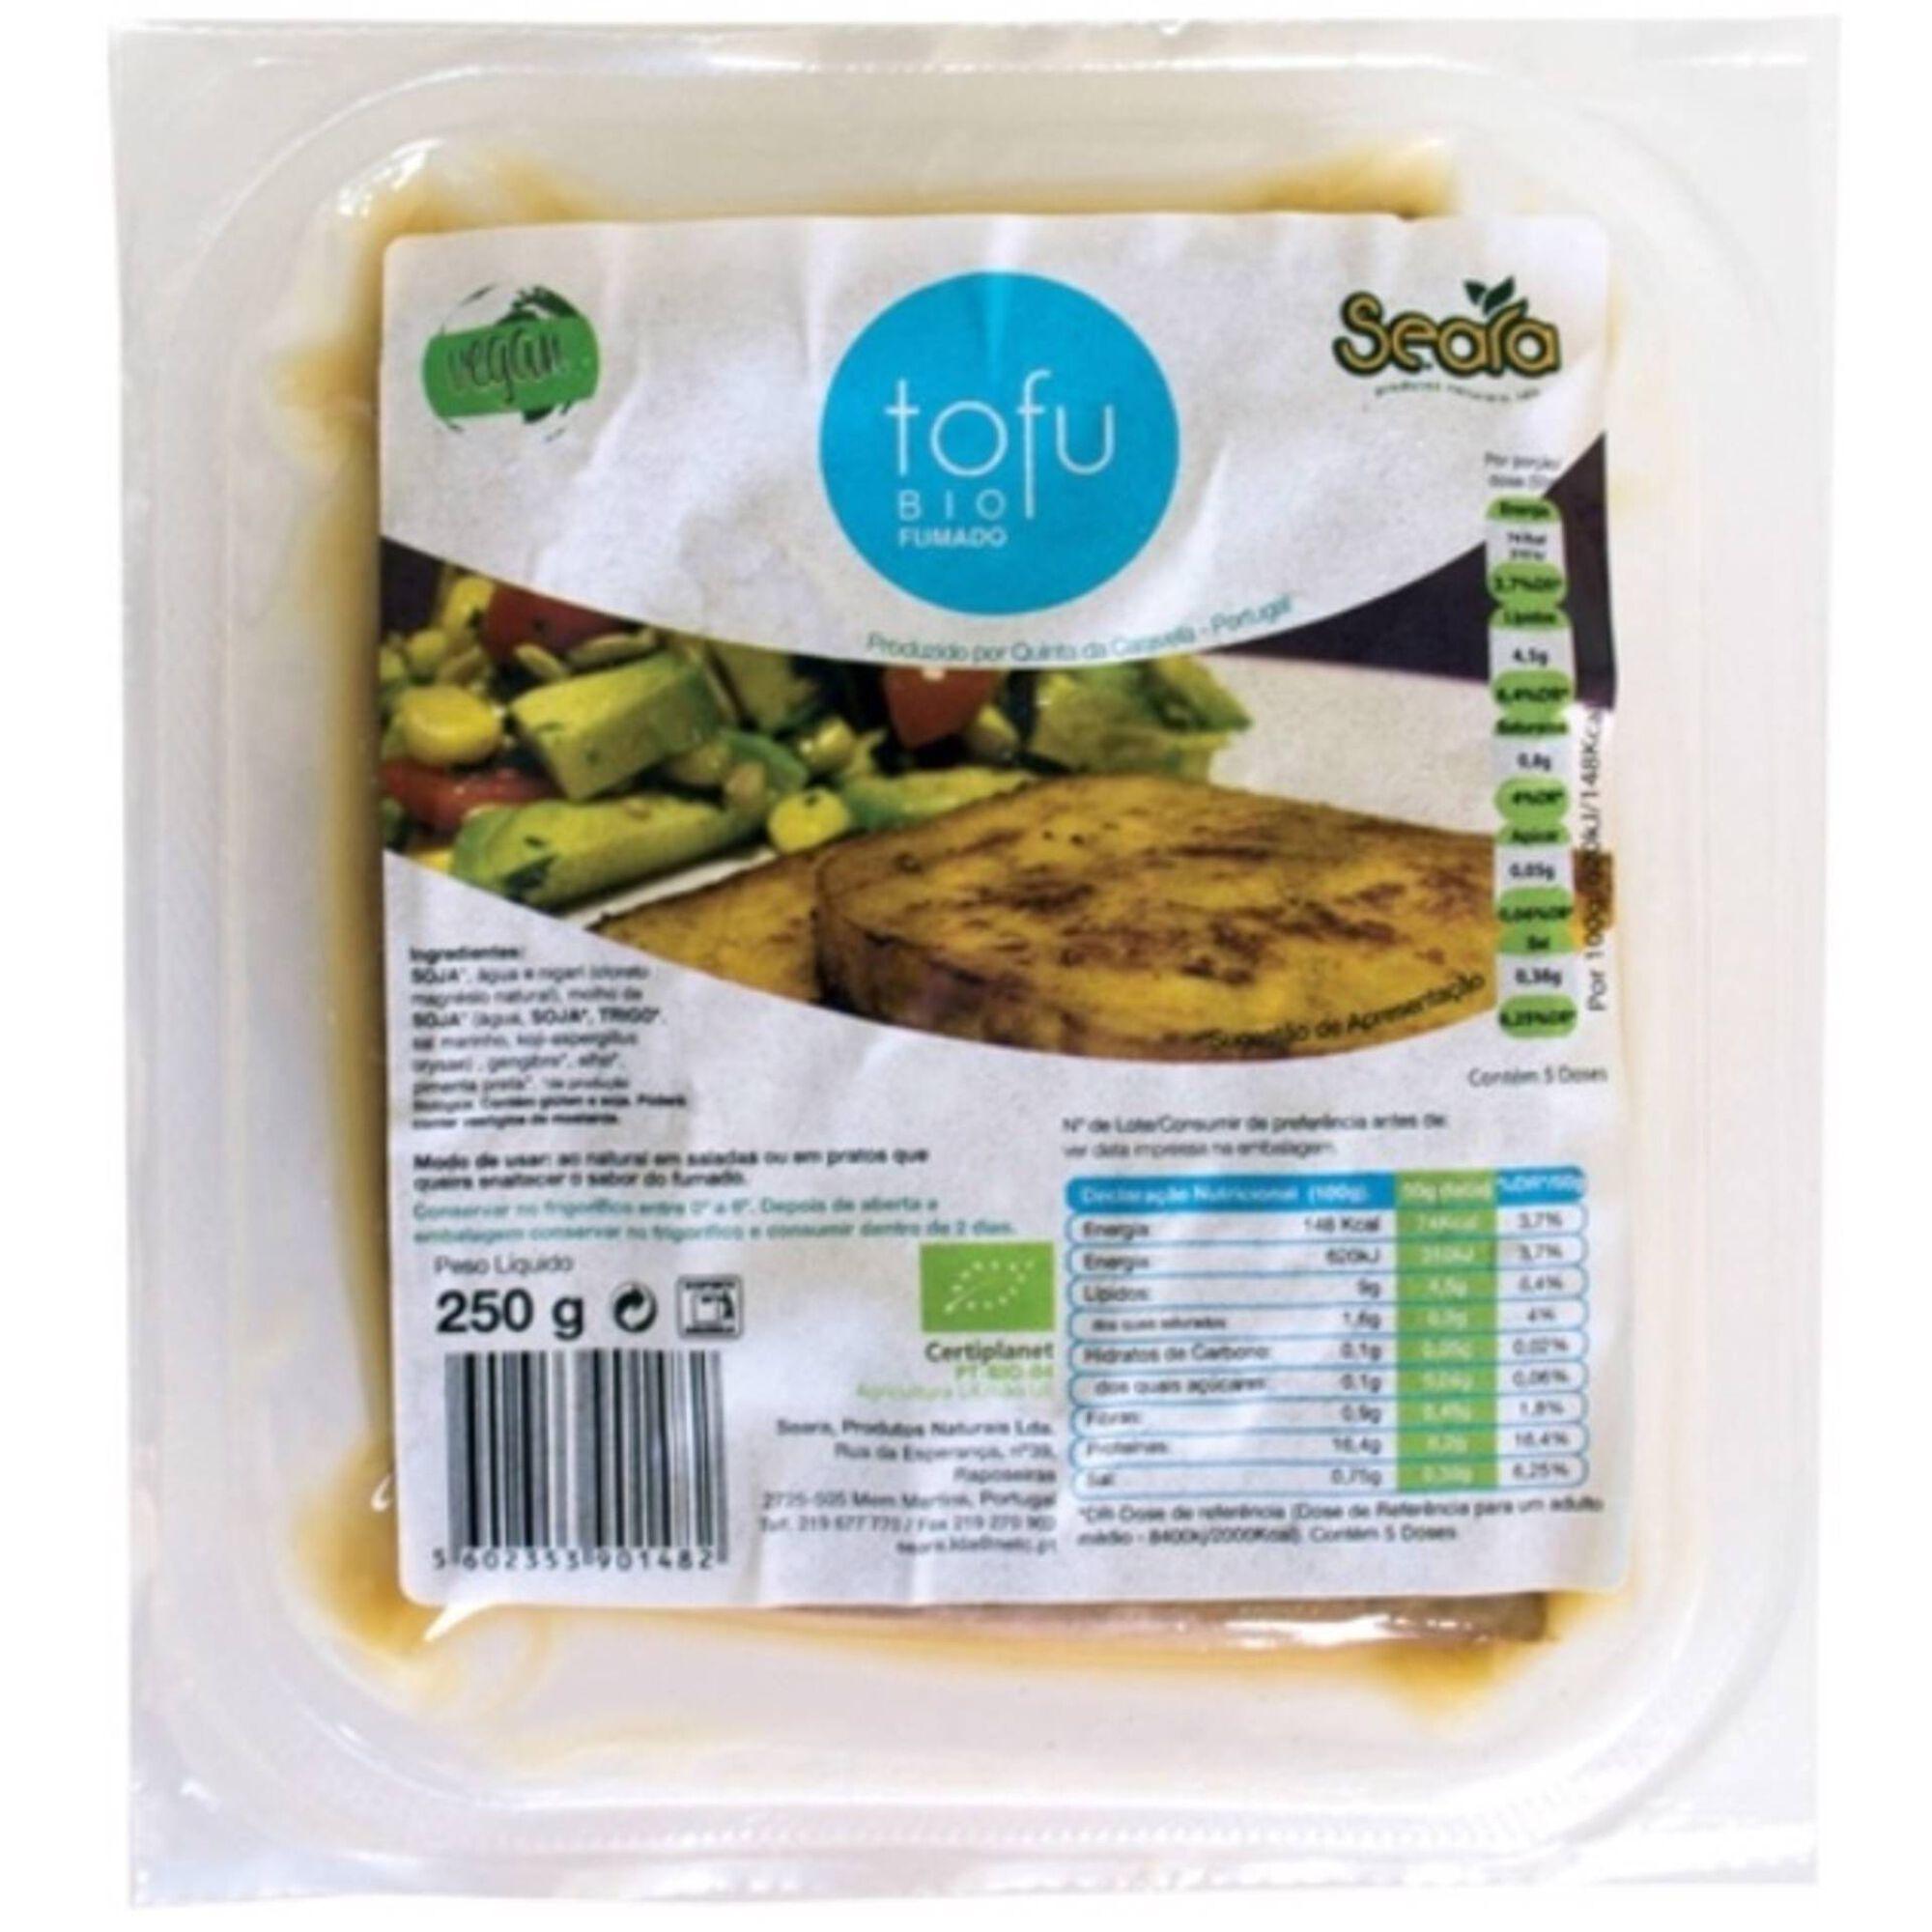 Tofu Fumado Refrigerado Biológico